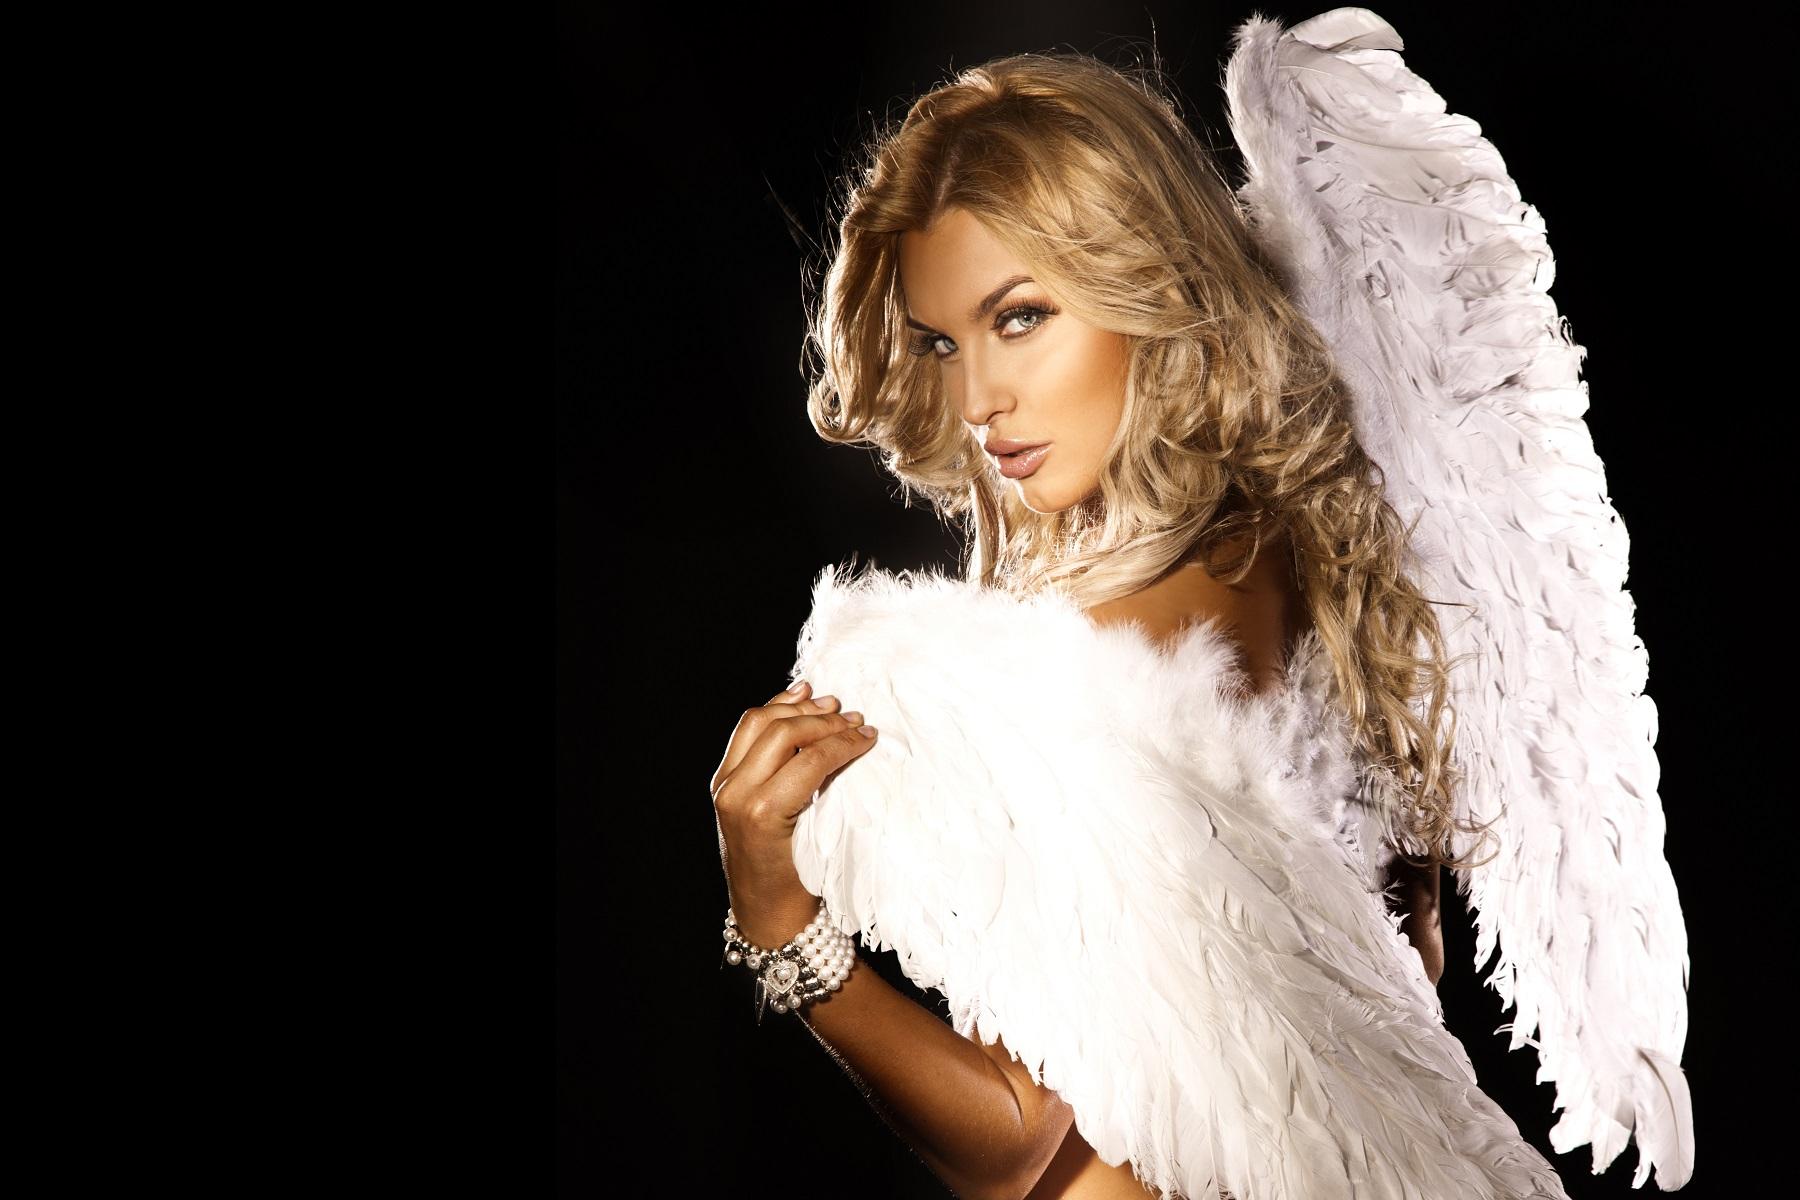 Pokaz Victoria's Secret – zobacz Aniołki w najpiękniejszej odsłonie